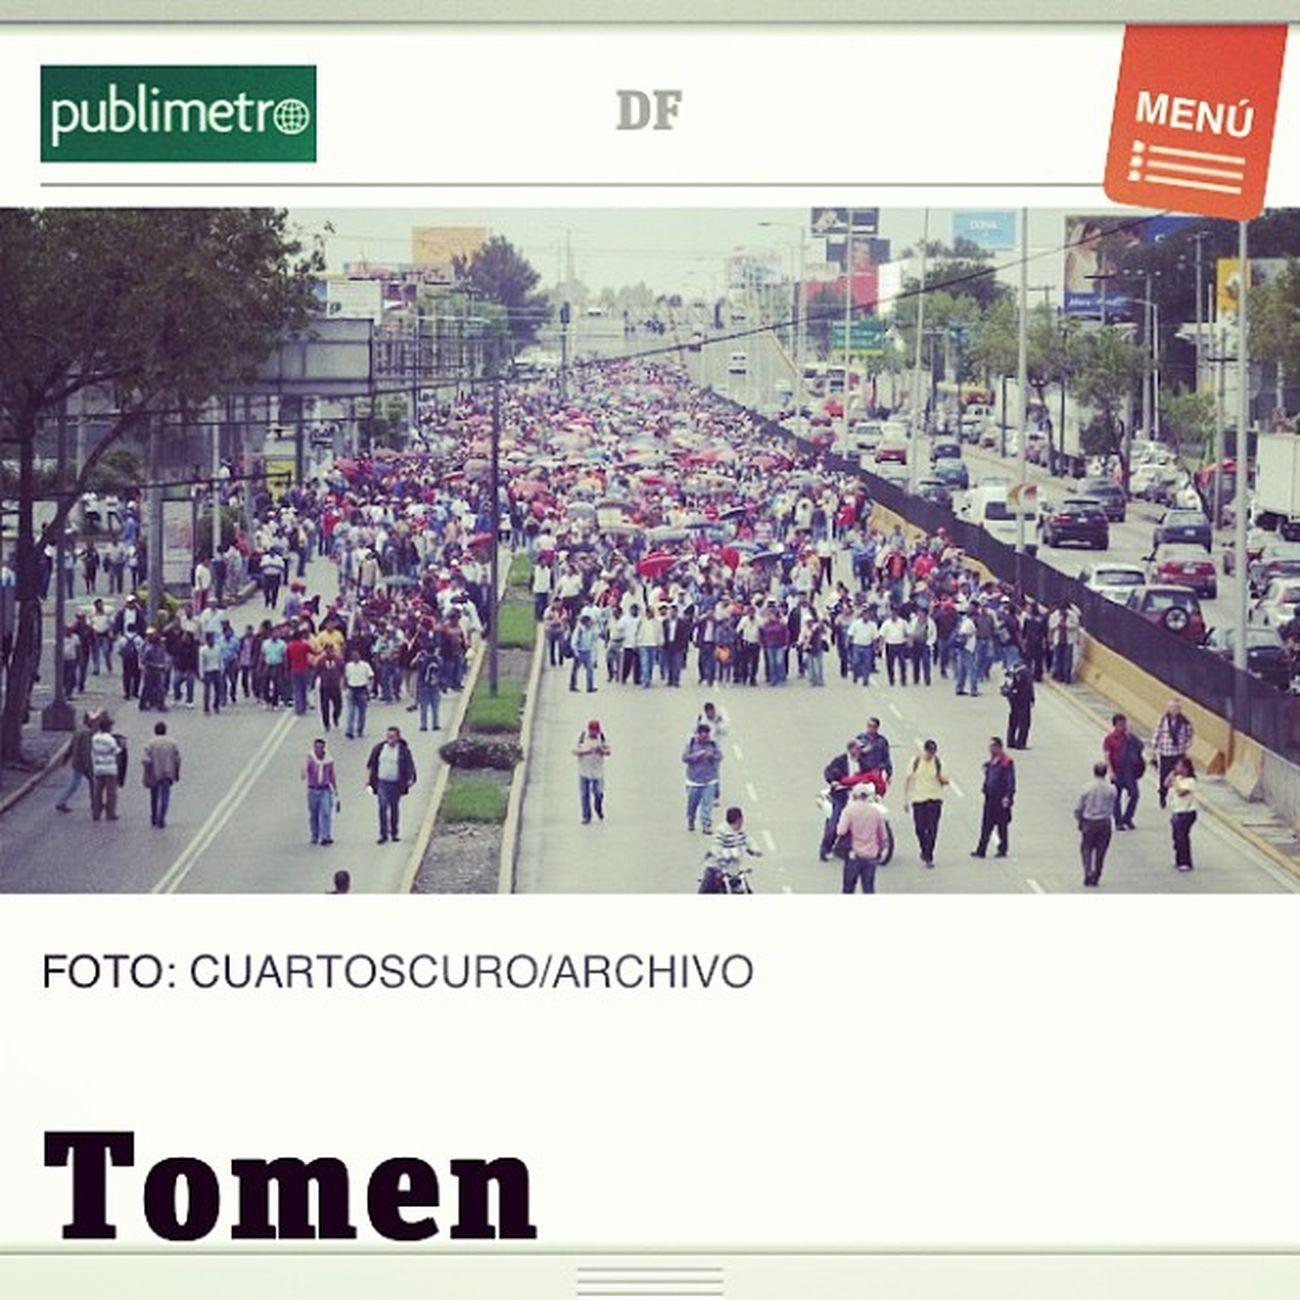 De mi equipo Cuartooscuro Cnte Publimetro News noticias mexico maestros tomen photo picture strike 2013 fuck sin palabras .